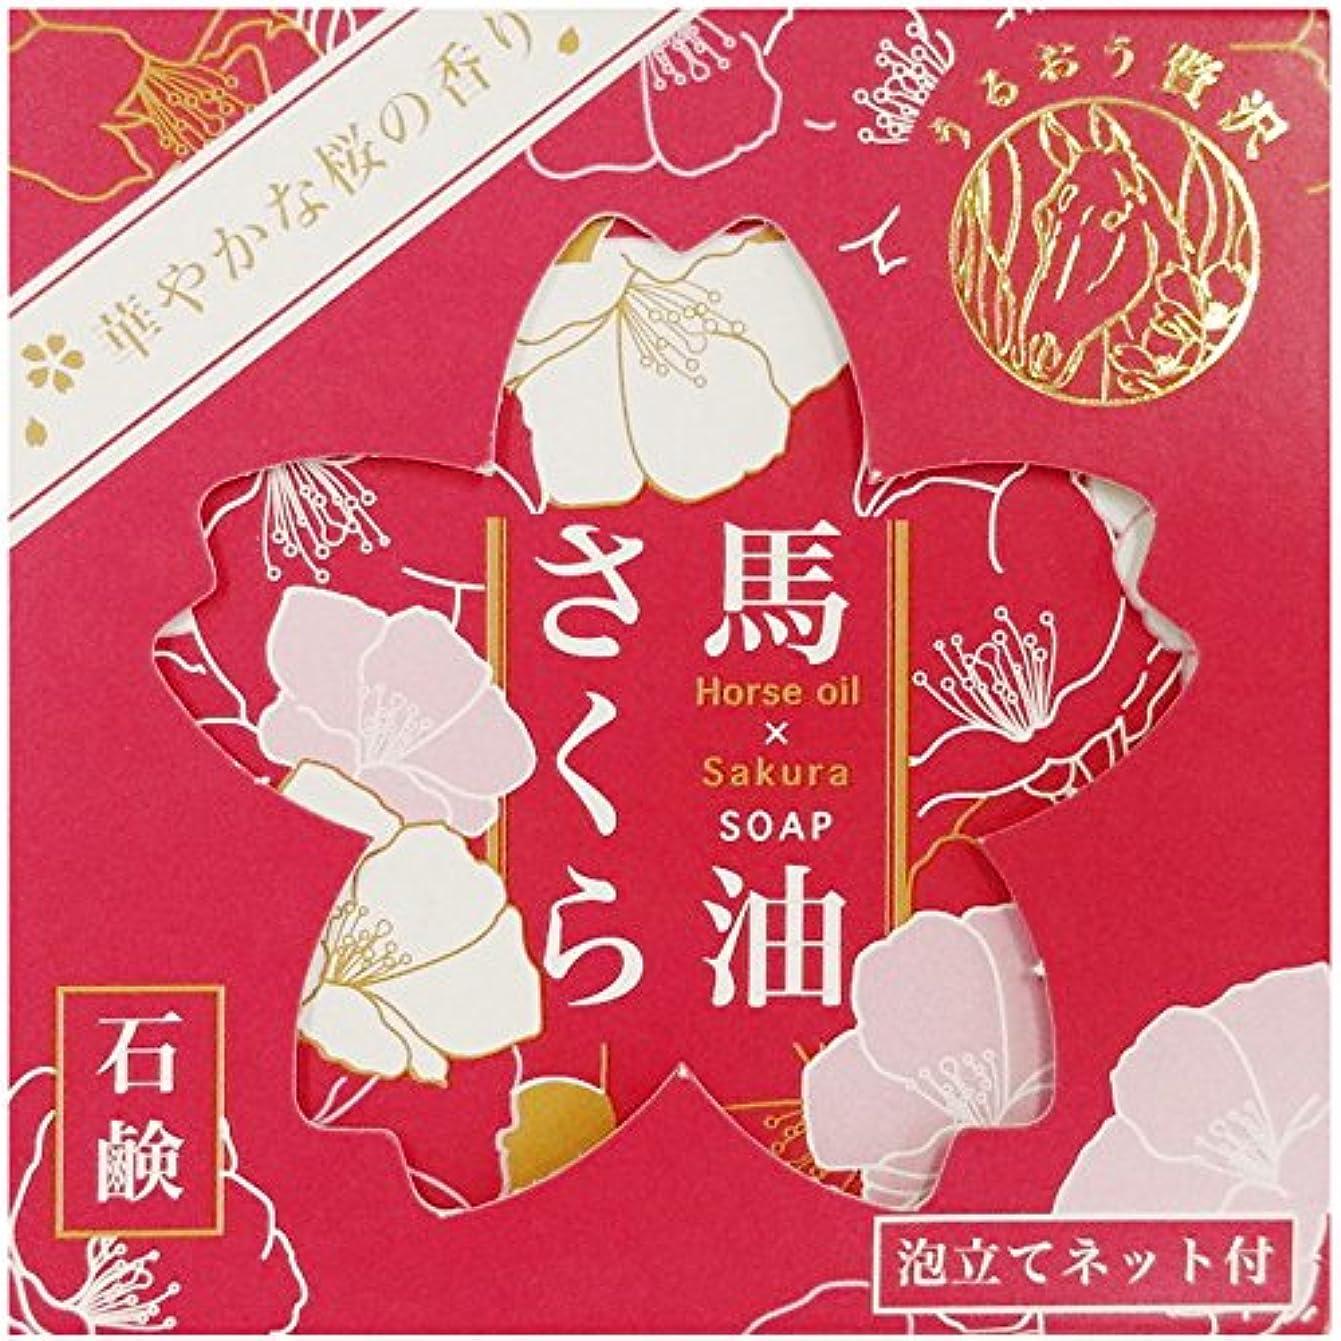 馬油さくら石鹸 (泡立てネット付き)(100g)